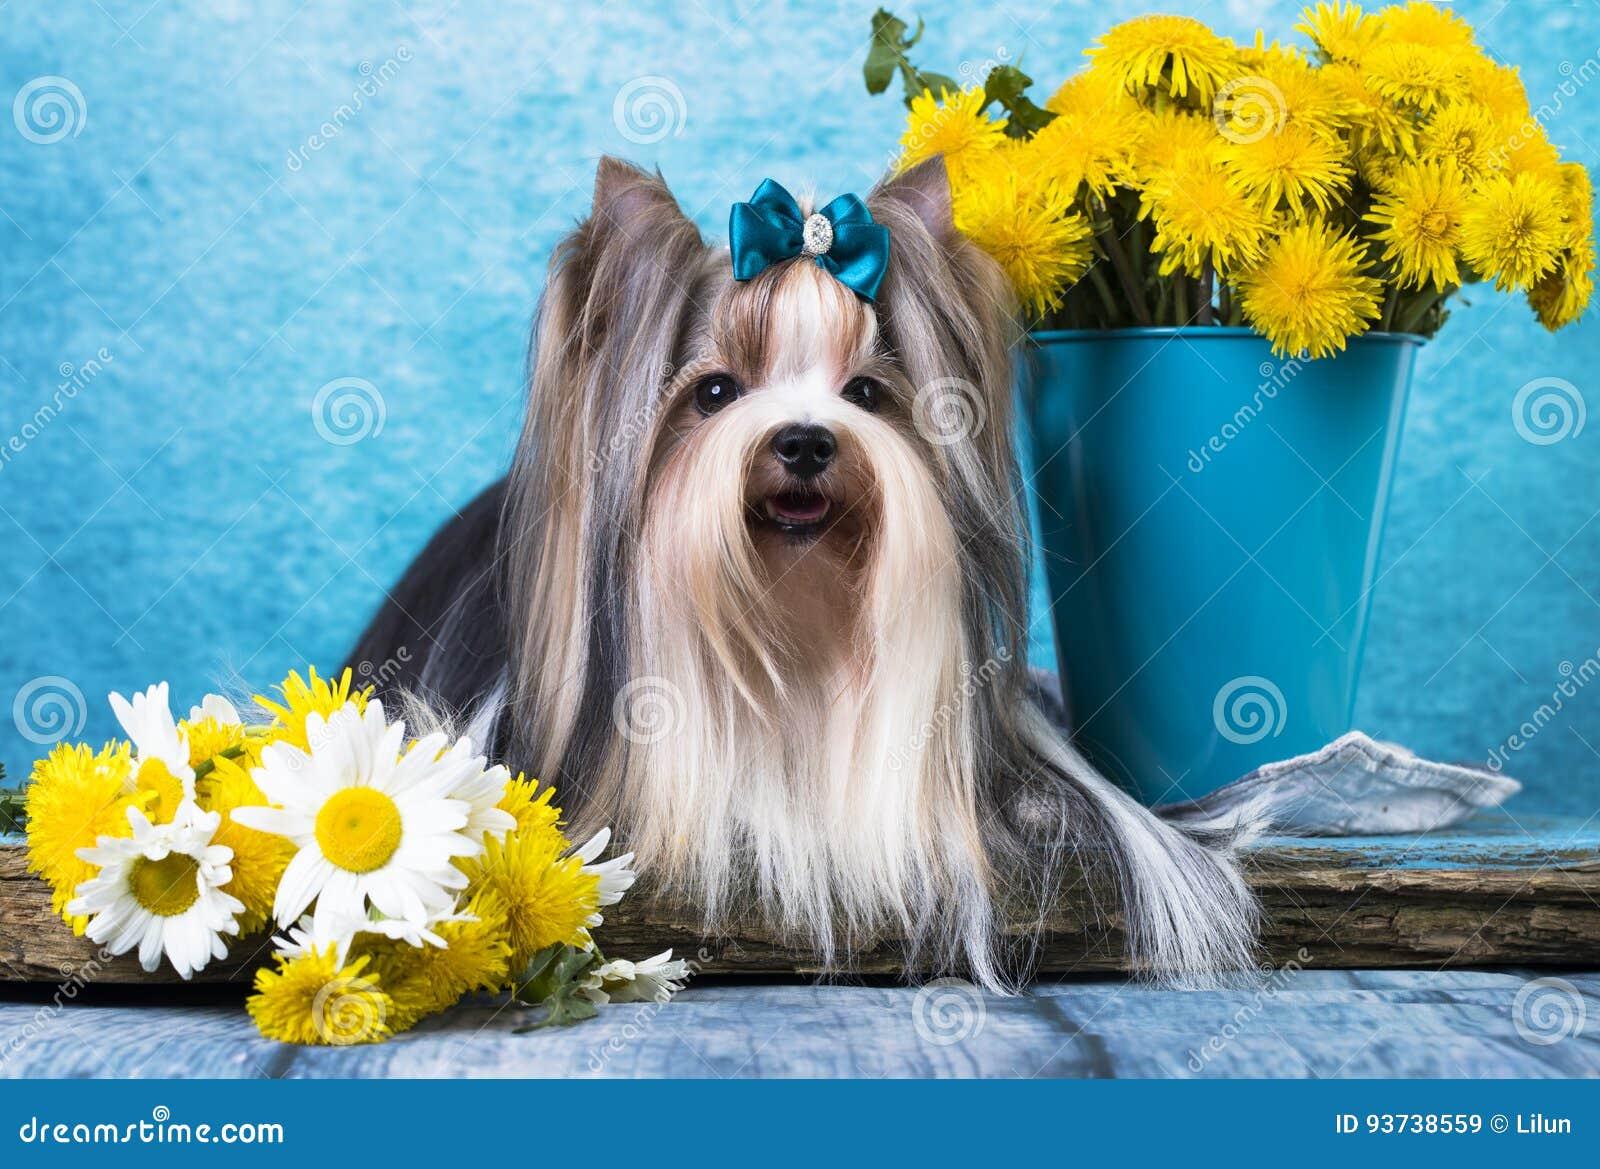 Bever Terrier